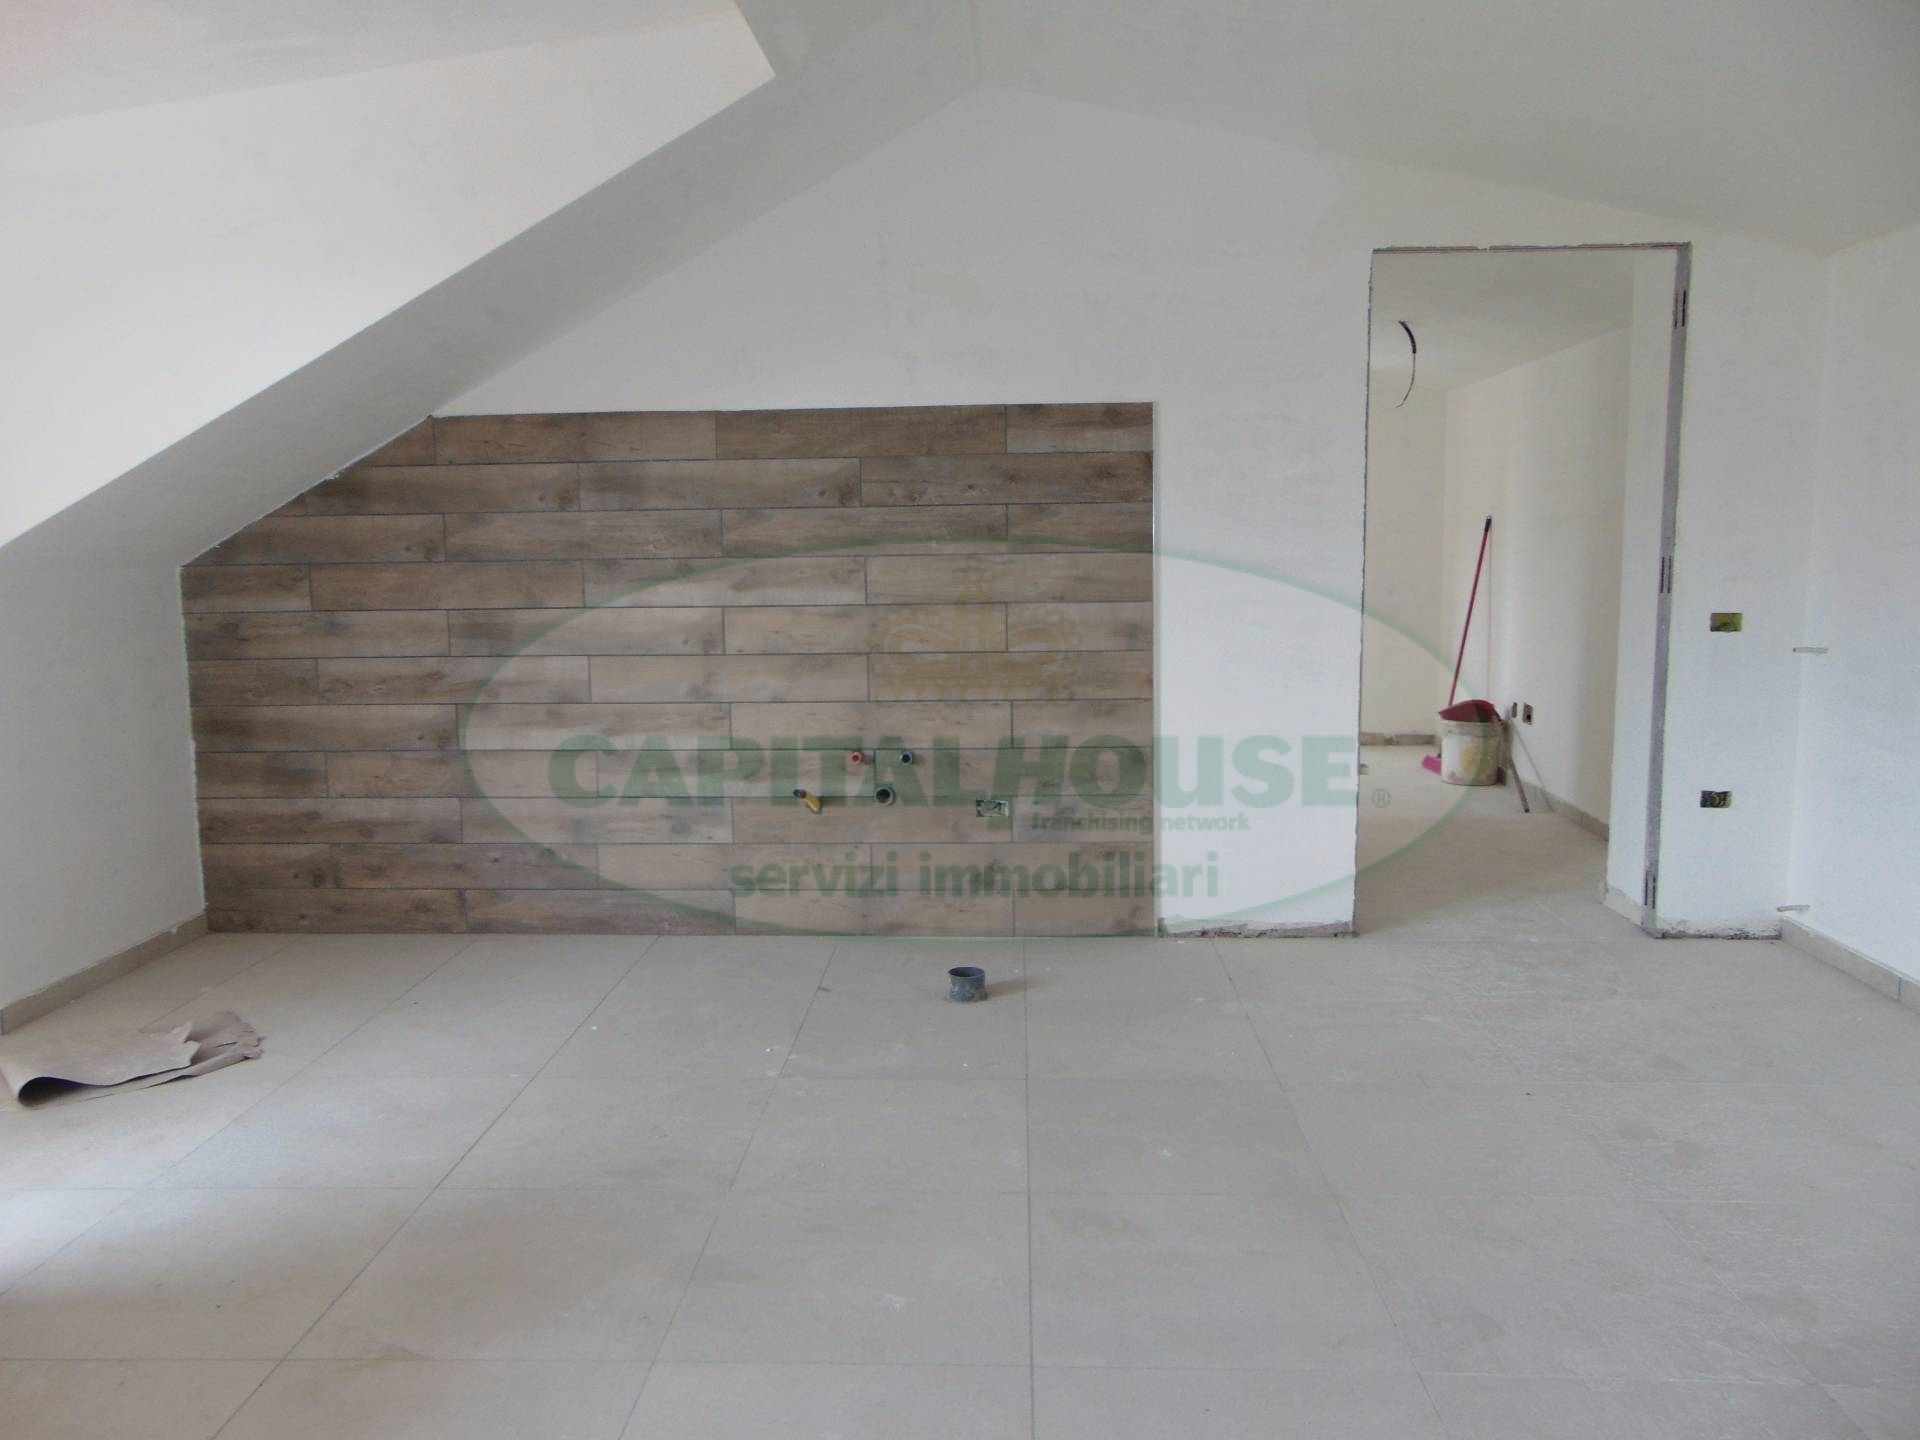 Attico / Mansarda in vendita a Santa Maria Capua Vetere, 3 locali, prezzo € 105.000 | Cambio Casa.it